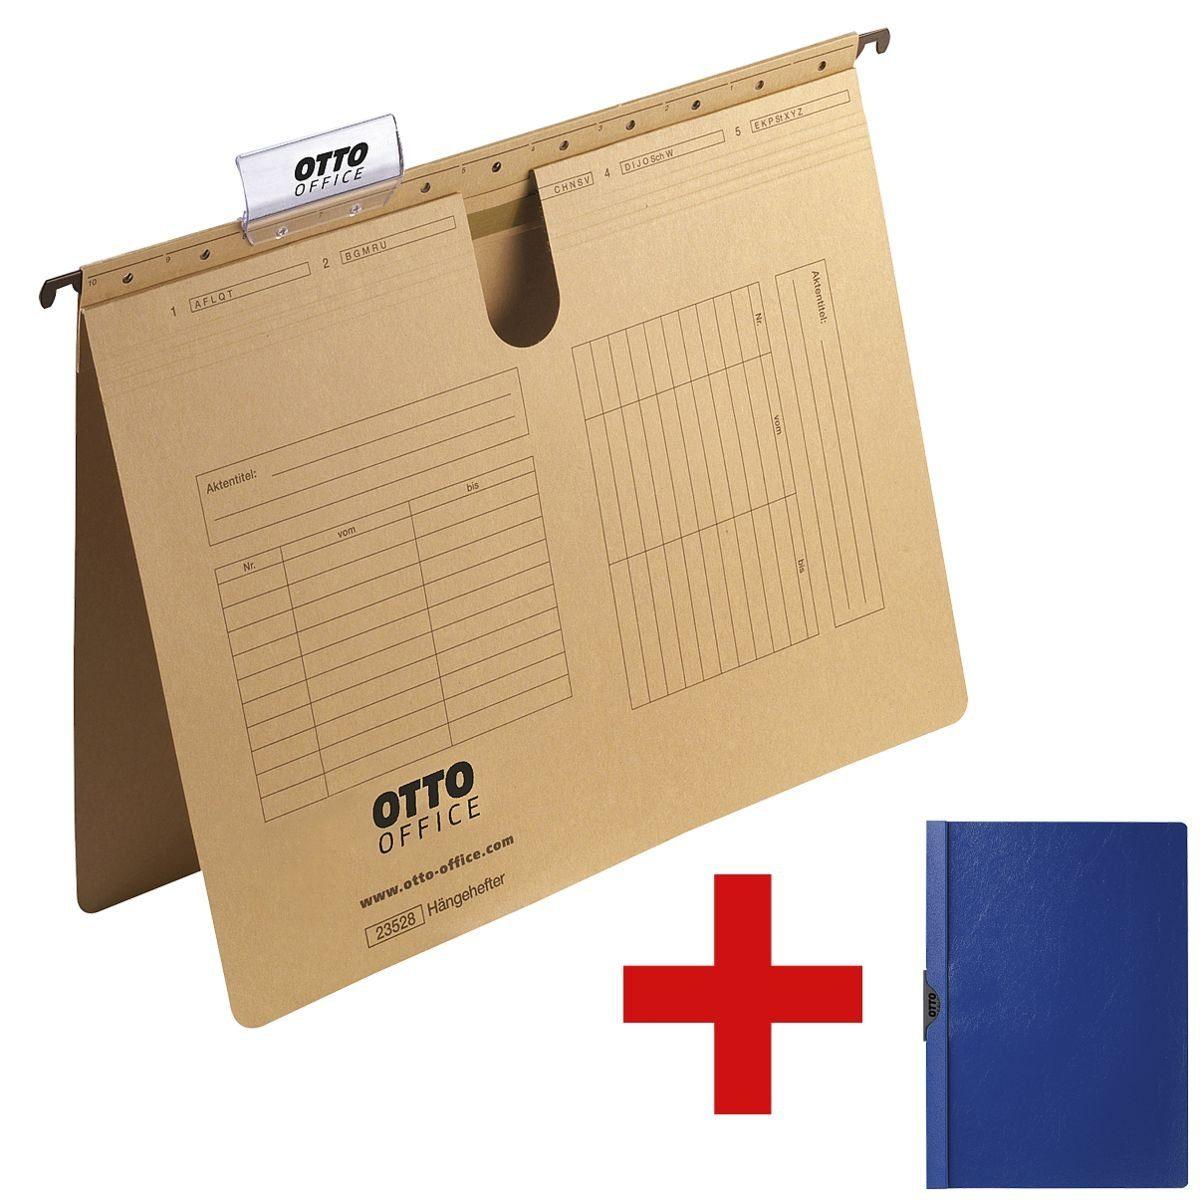 OTTO Office Standard 25er-Pack Hängehefter inkl. 1x Klemmhefter 1 Set